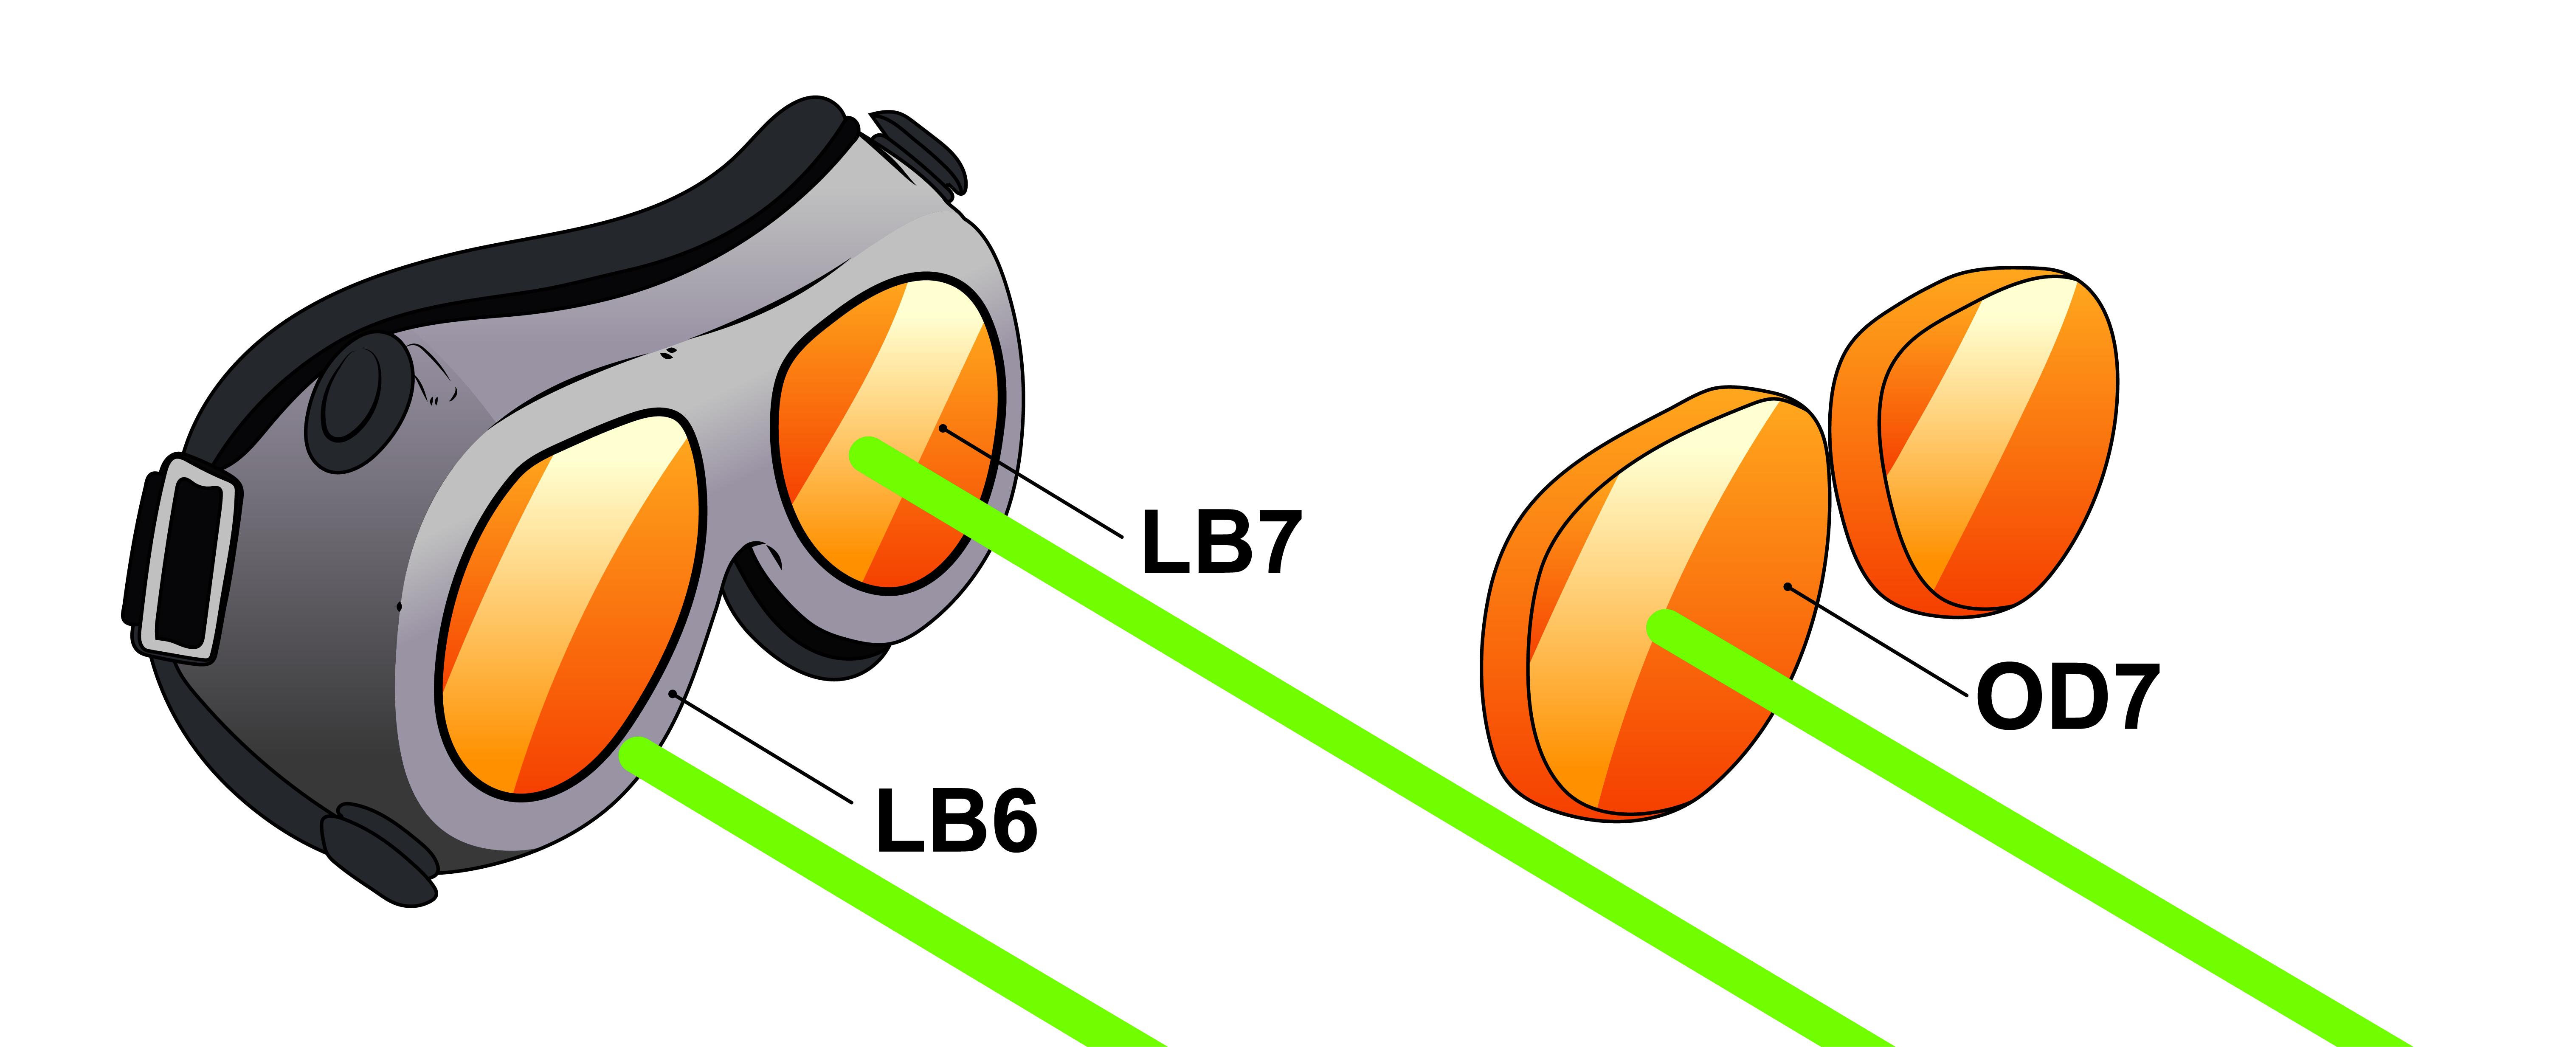 Laser Safety Testing CE vs ANSI